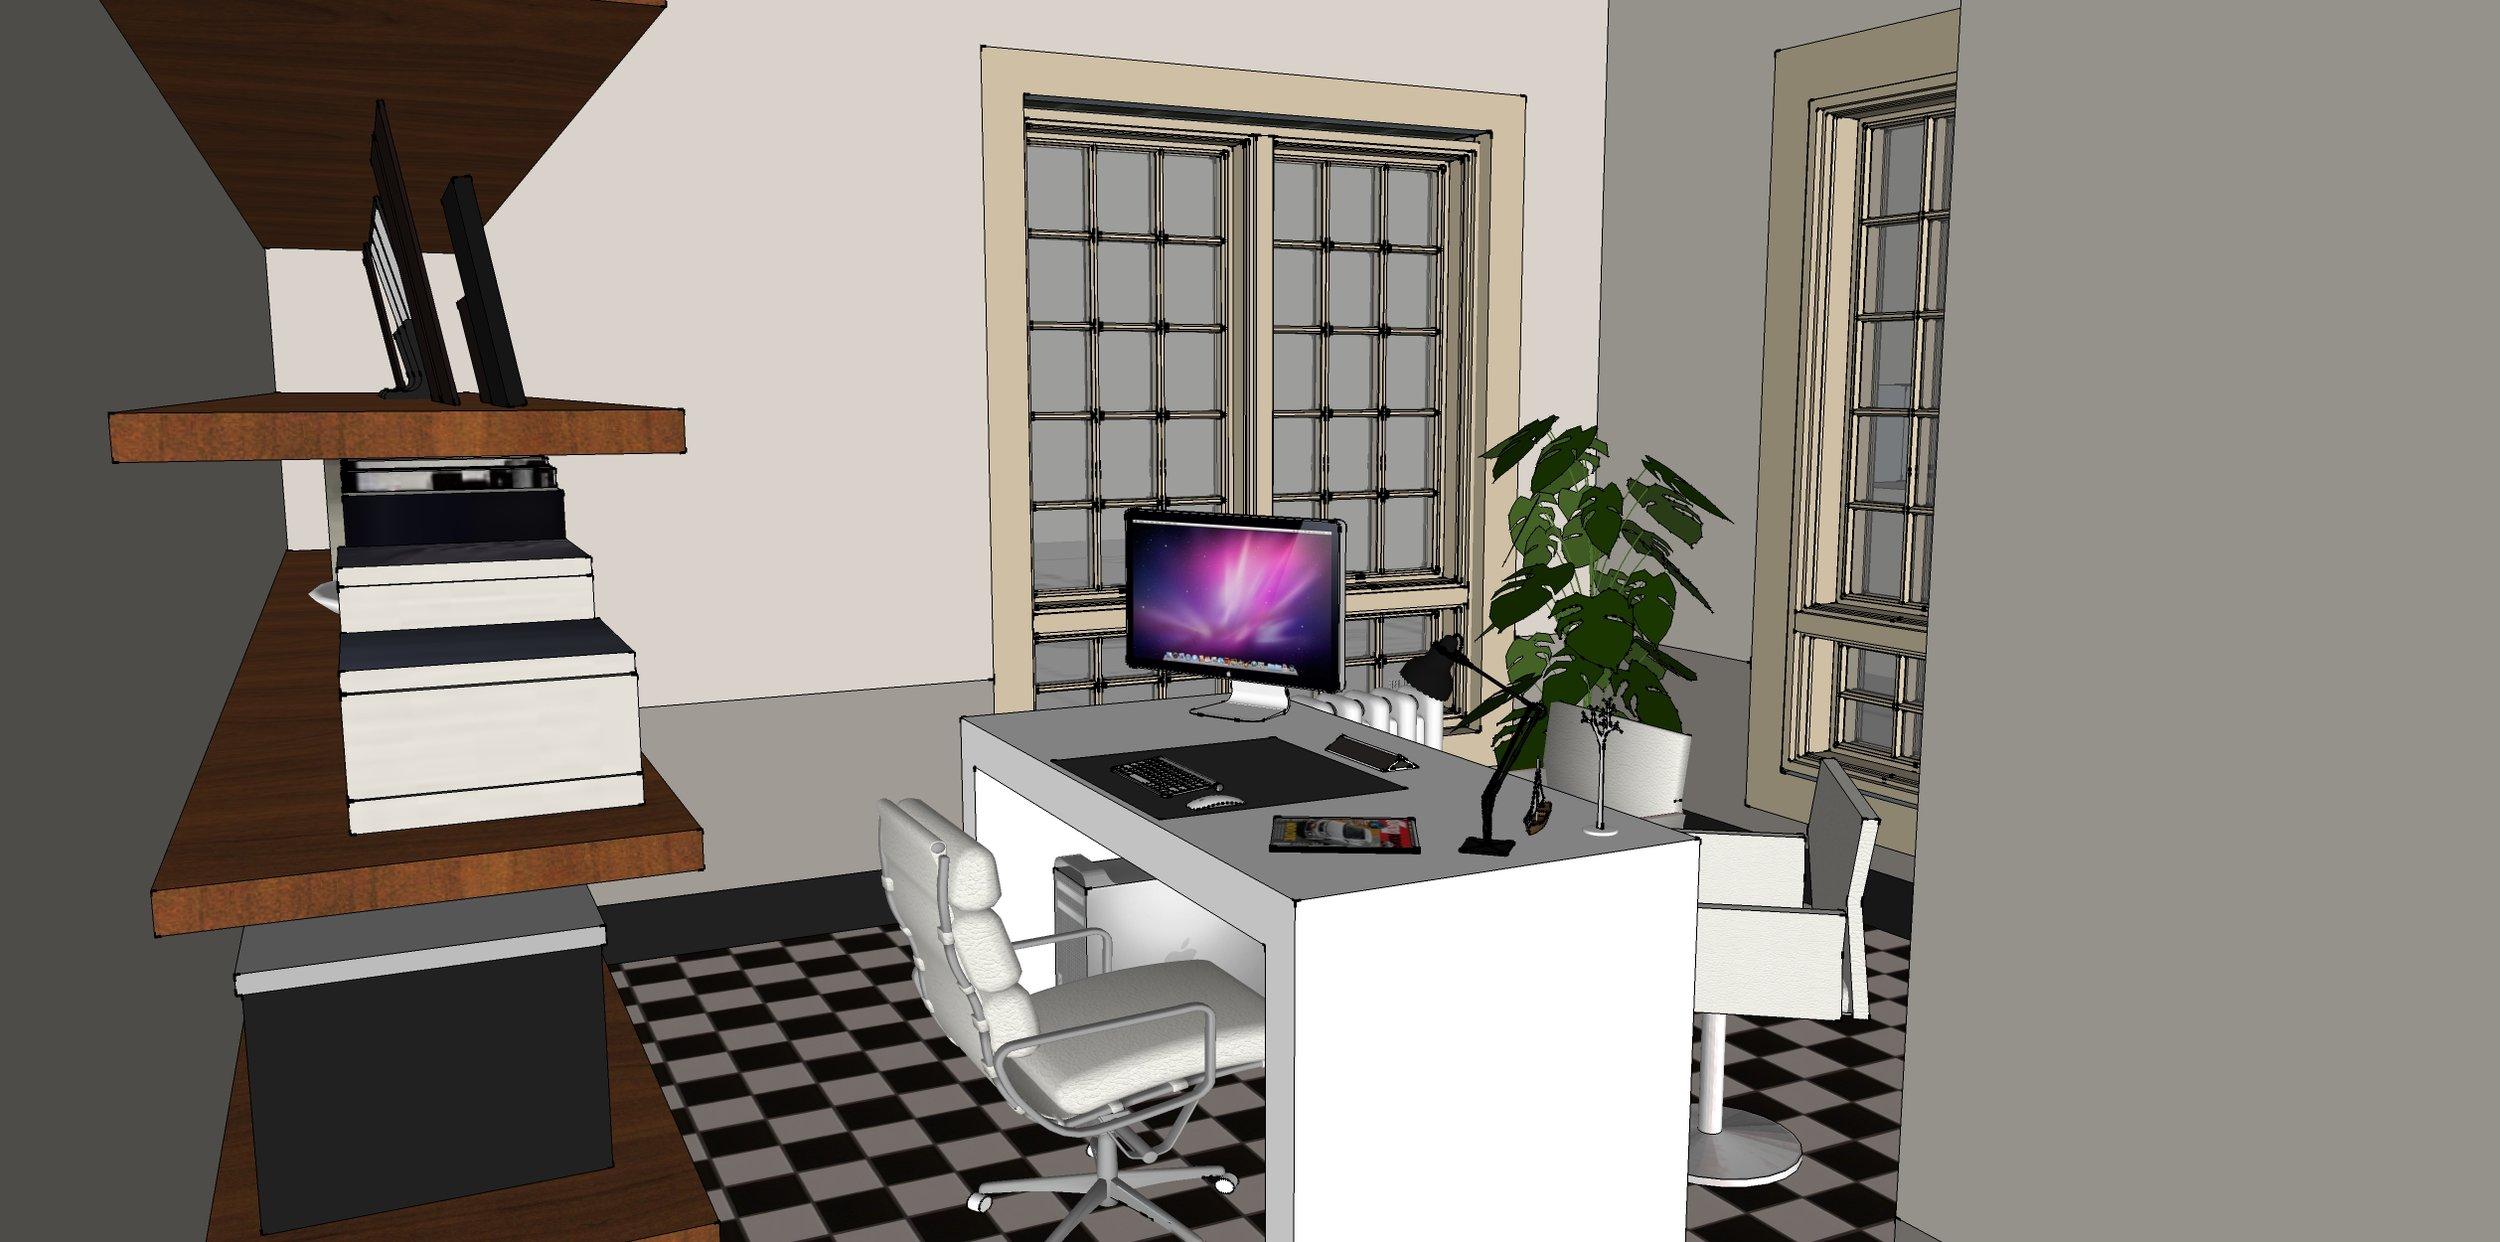 1st floor office #2